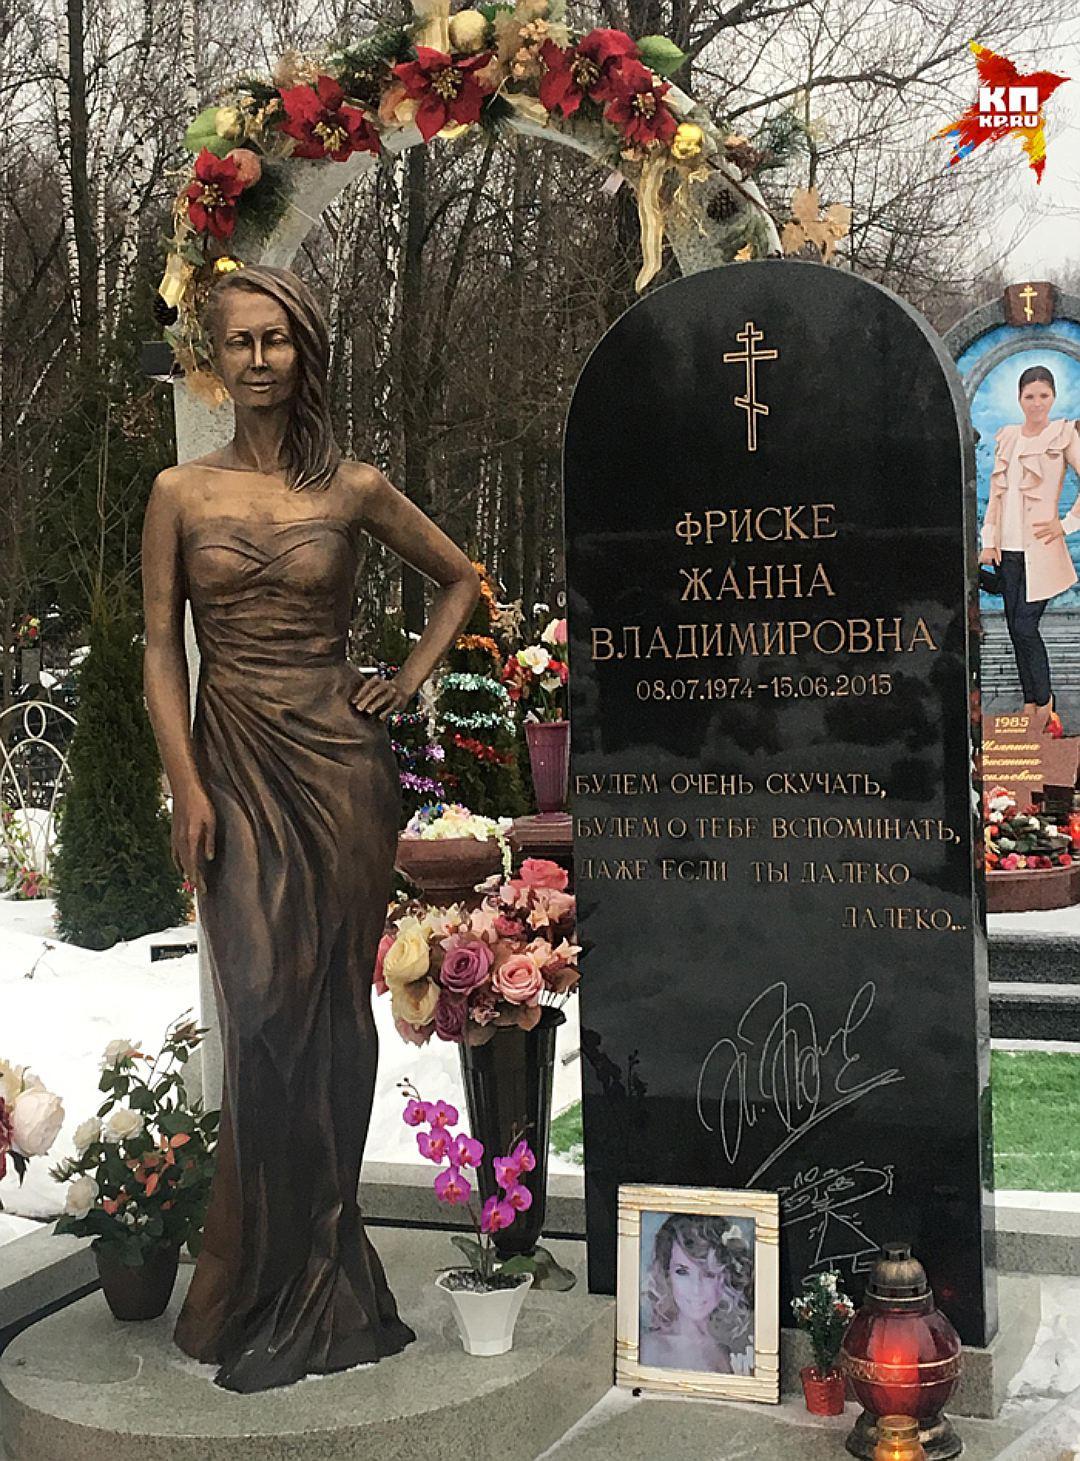 Фриске Жанна Владимировна